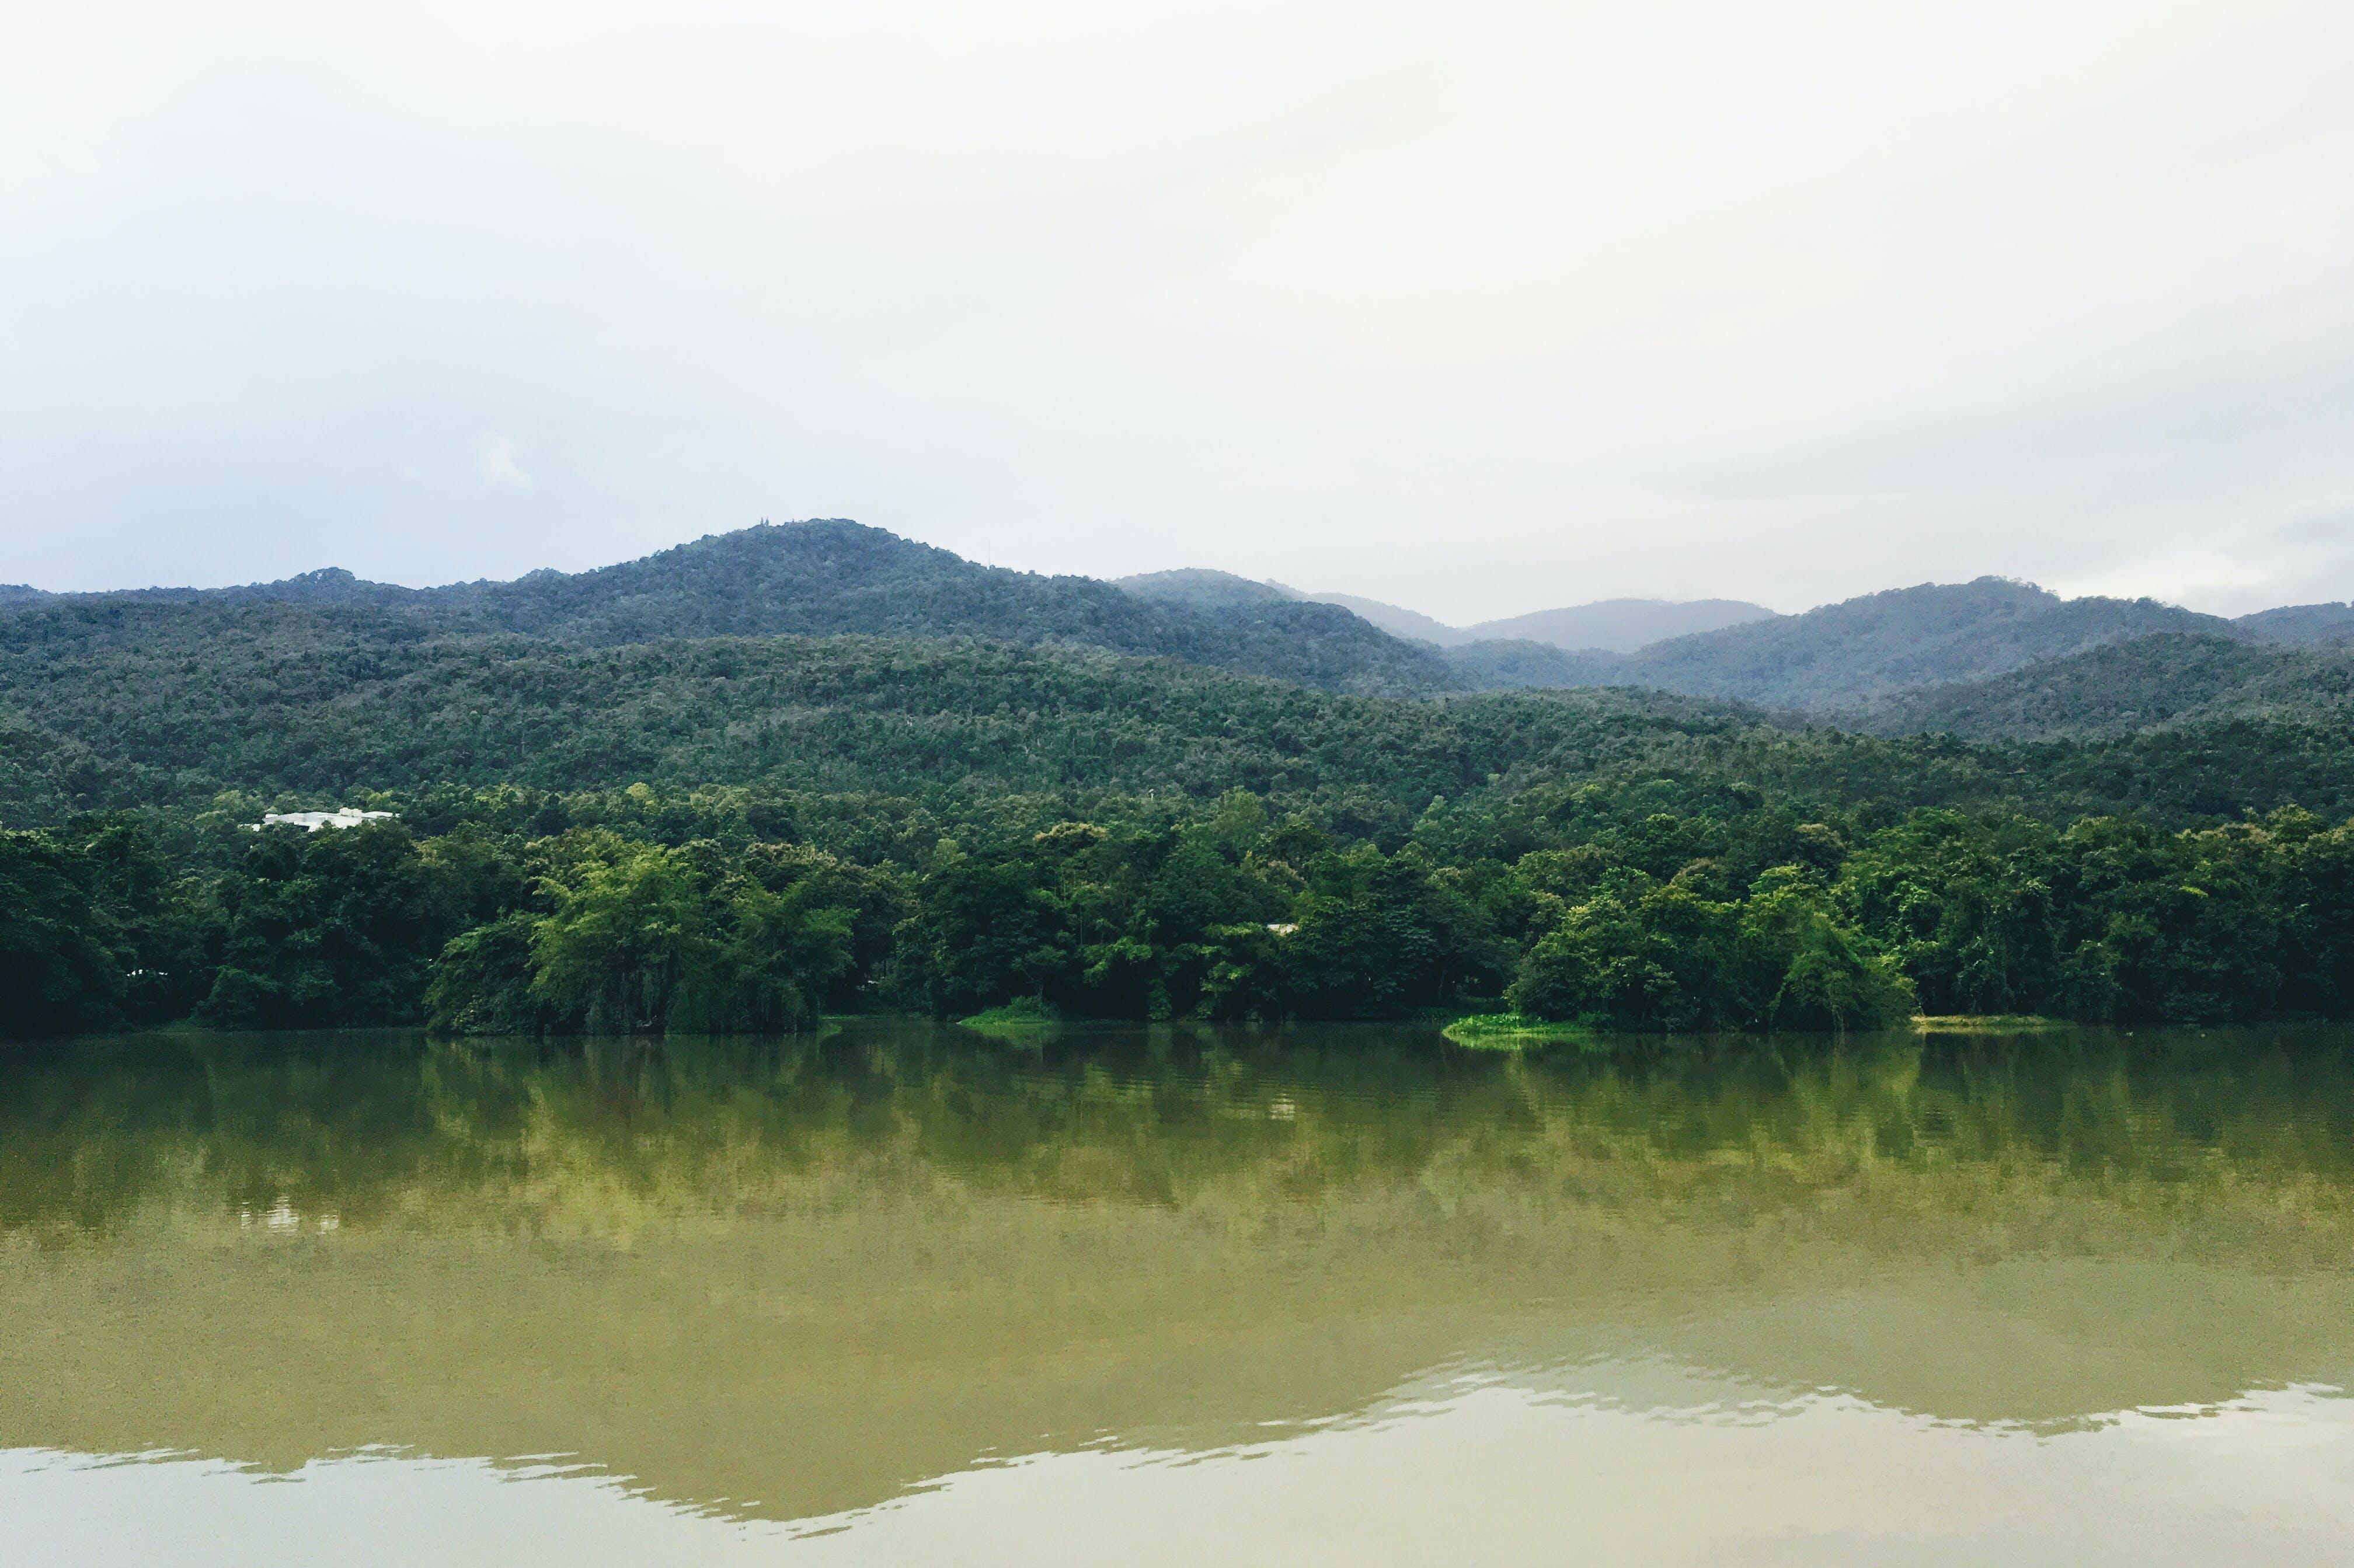 Fotos de stock gratuitas de agua, aguas calmadas, amanecer, arboles